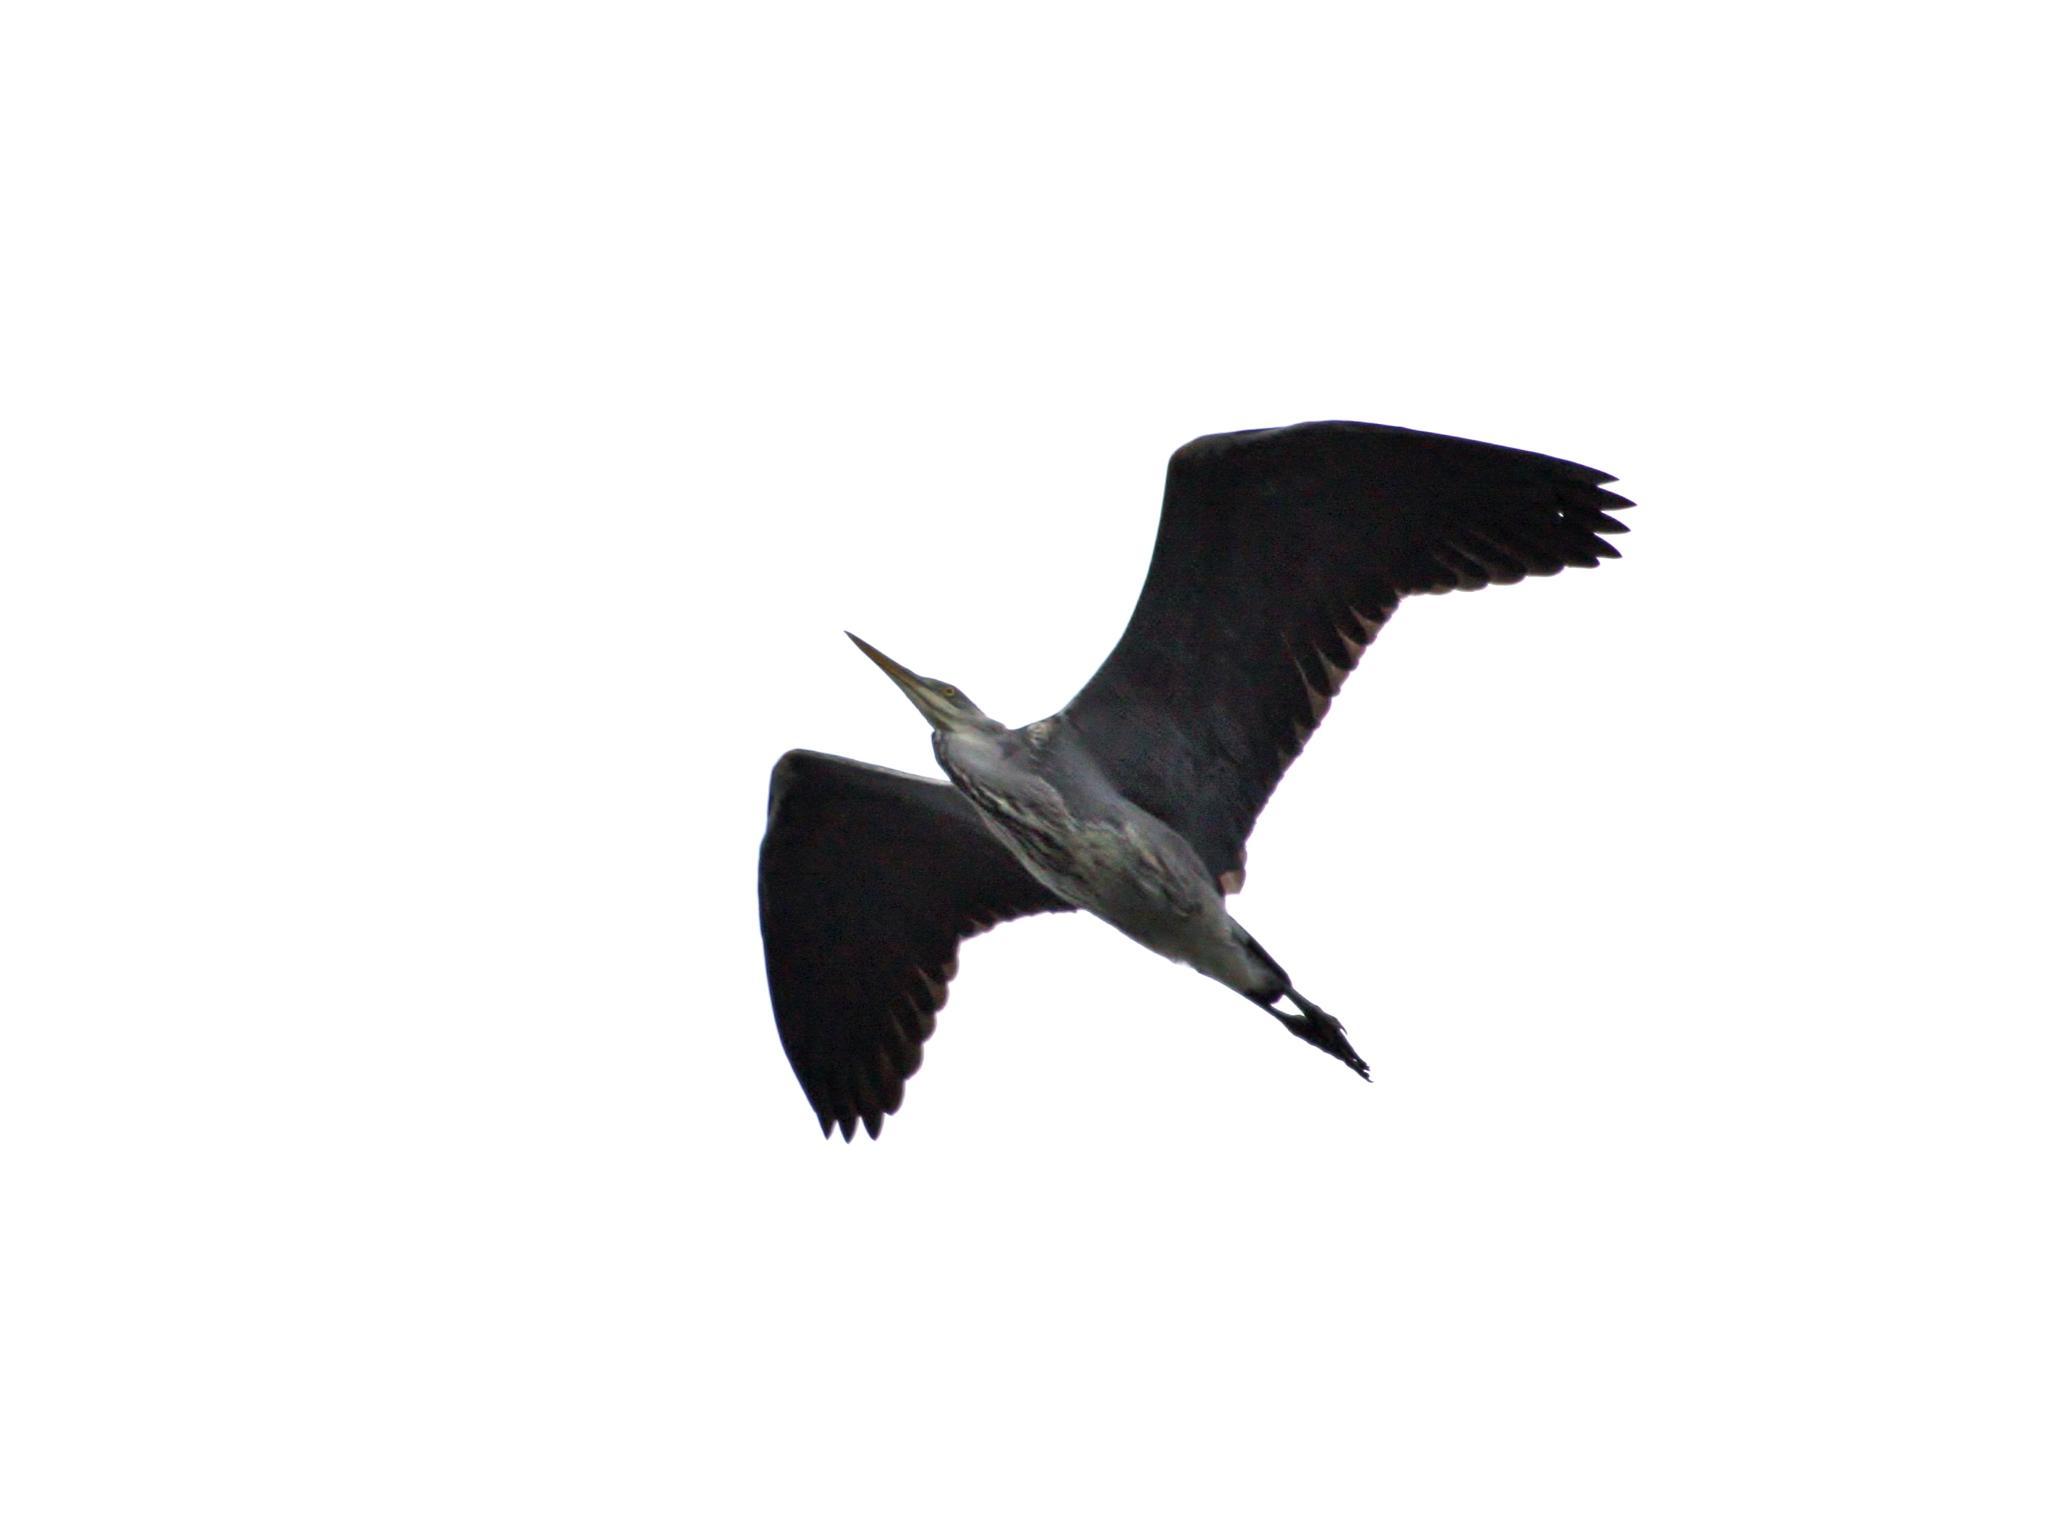 Heron in flight by paul.hosker